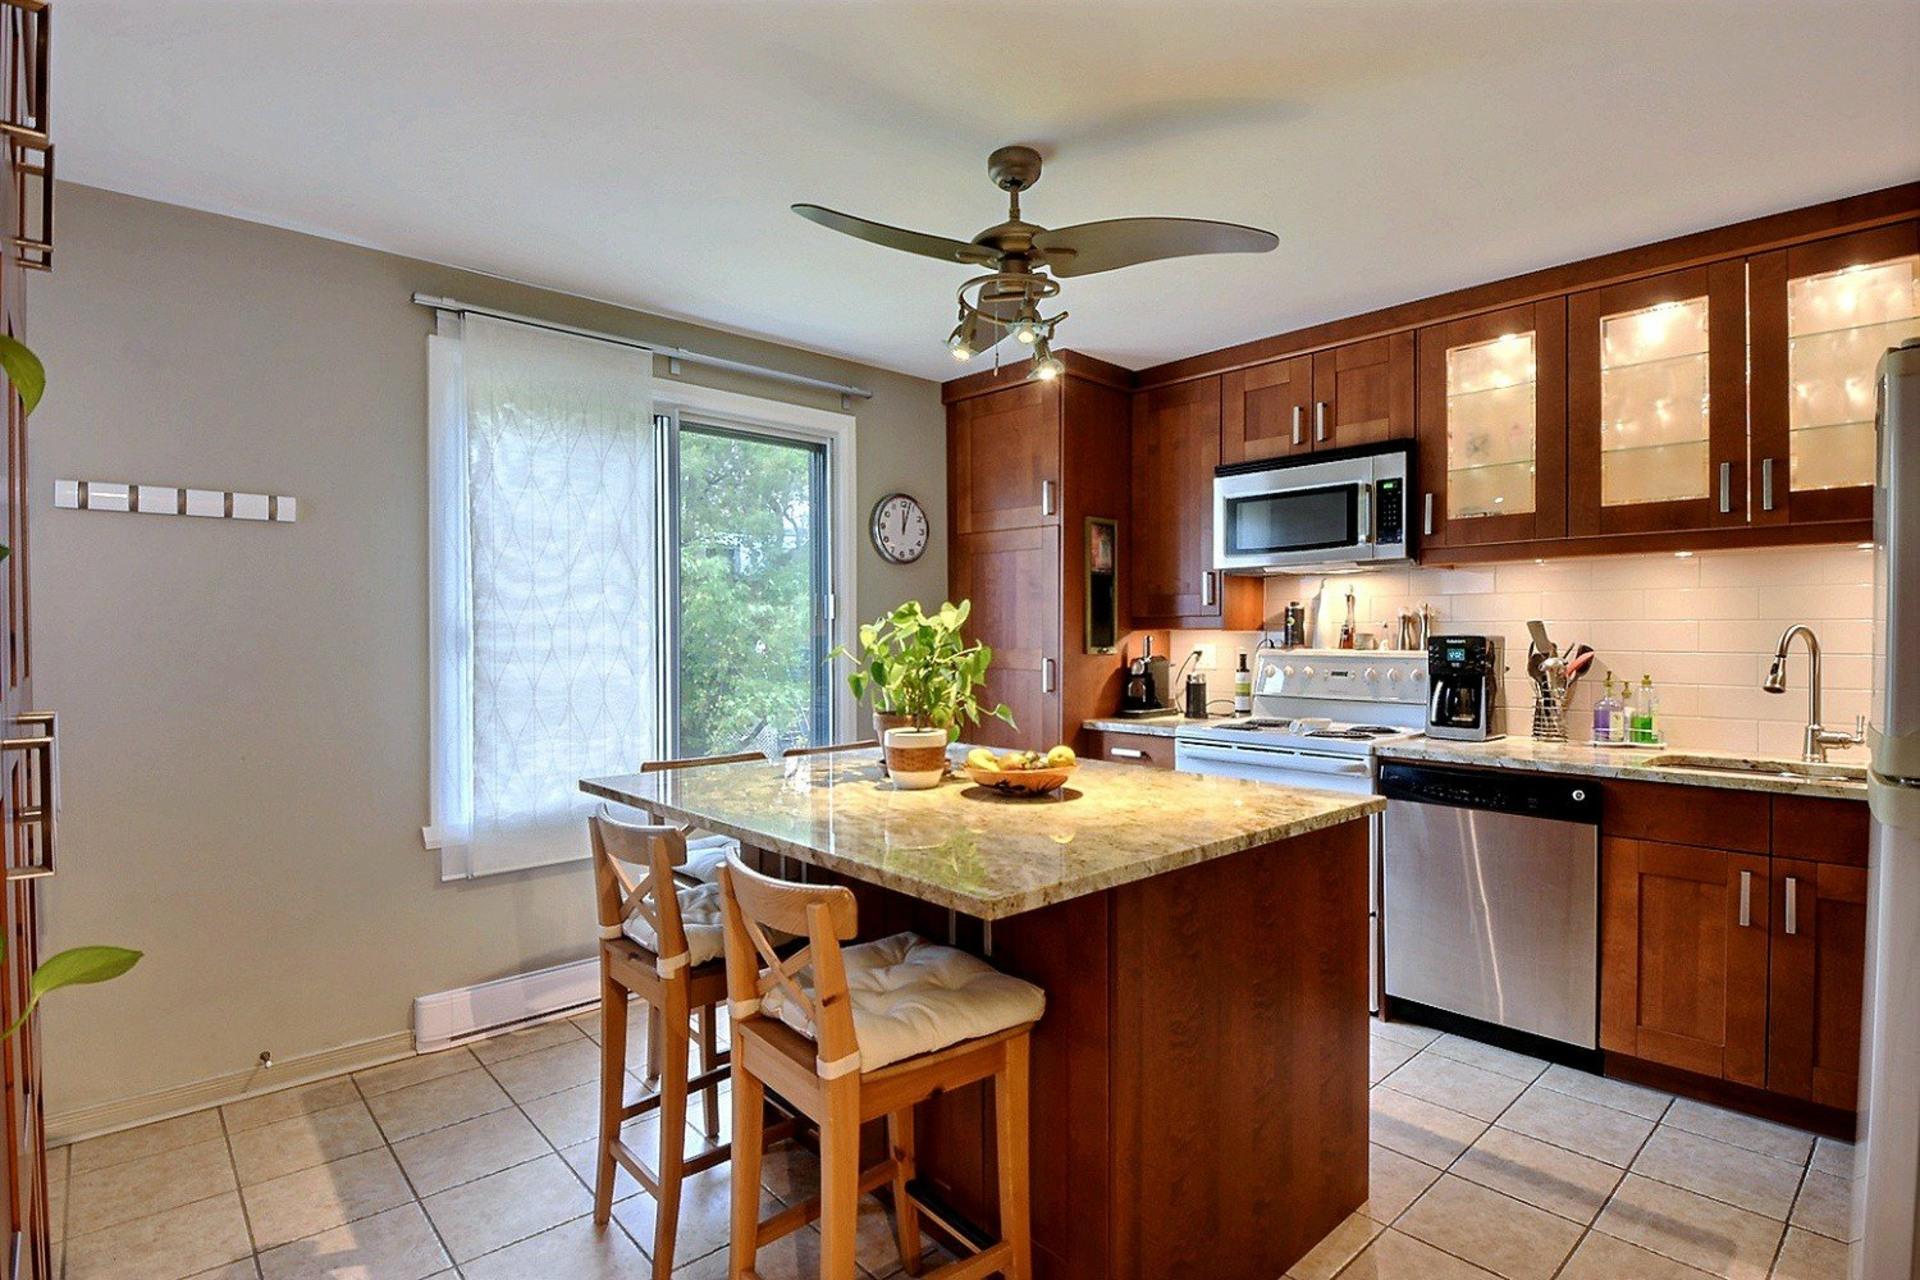 image 6 - Apartment For rent Montréal Le Sud-Ouest  - 5 rooms